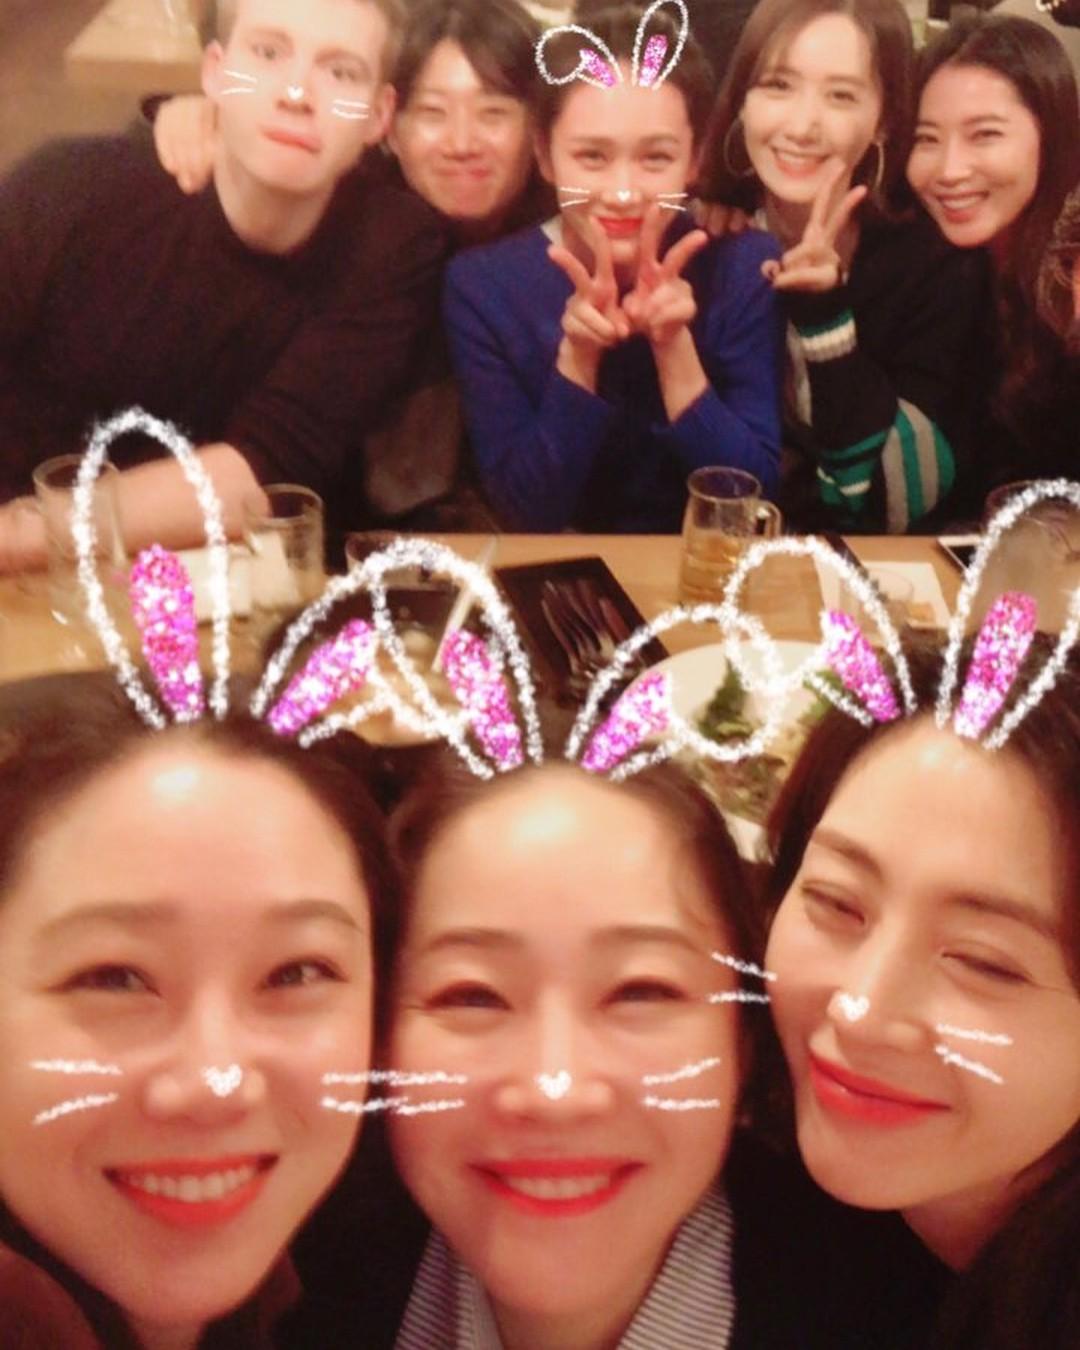 Khung cảnh sau sự kiện siêu khủng gây sốt: Nhóm bạn thân mỹ nhân hạng A tụ họp, Yoona và Park Bo Gum tíu tít - Ảnh 5.